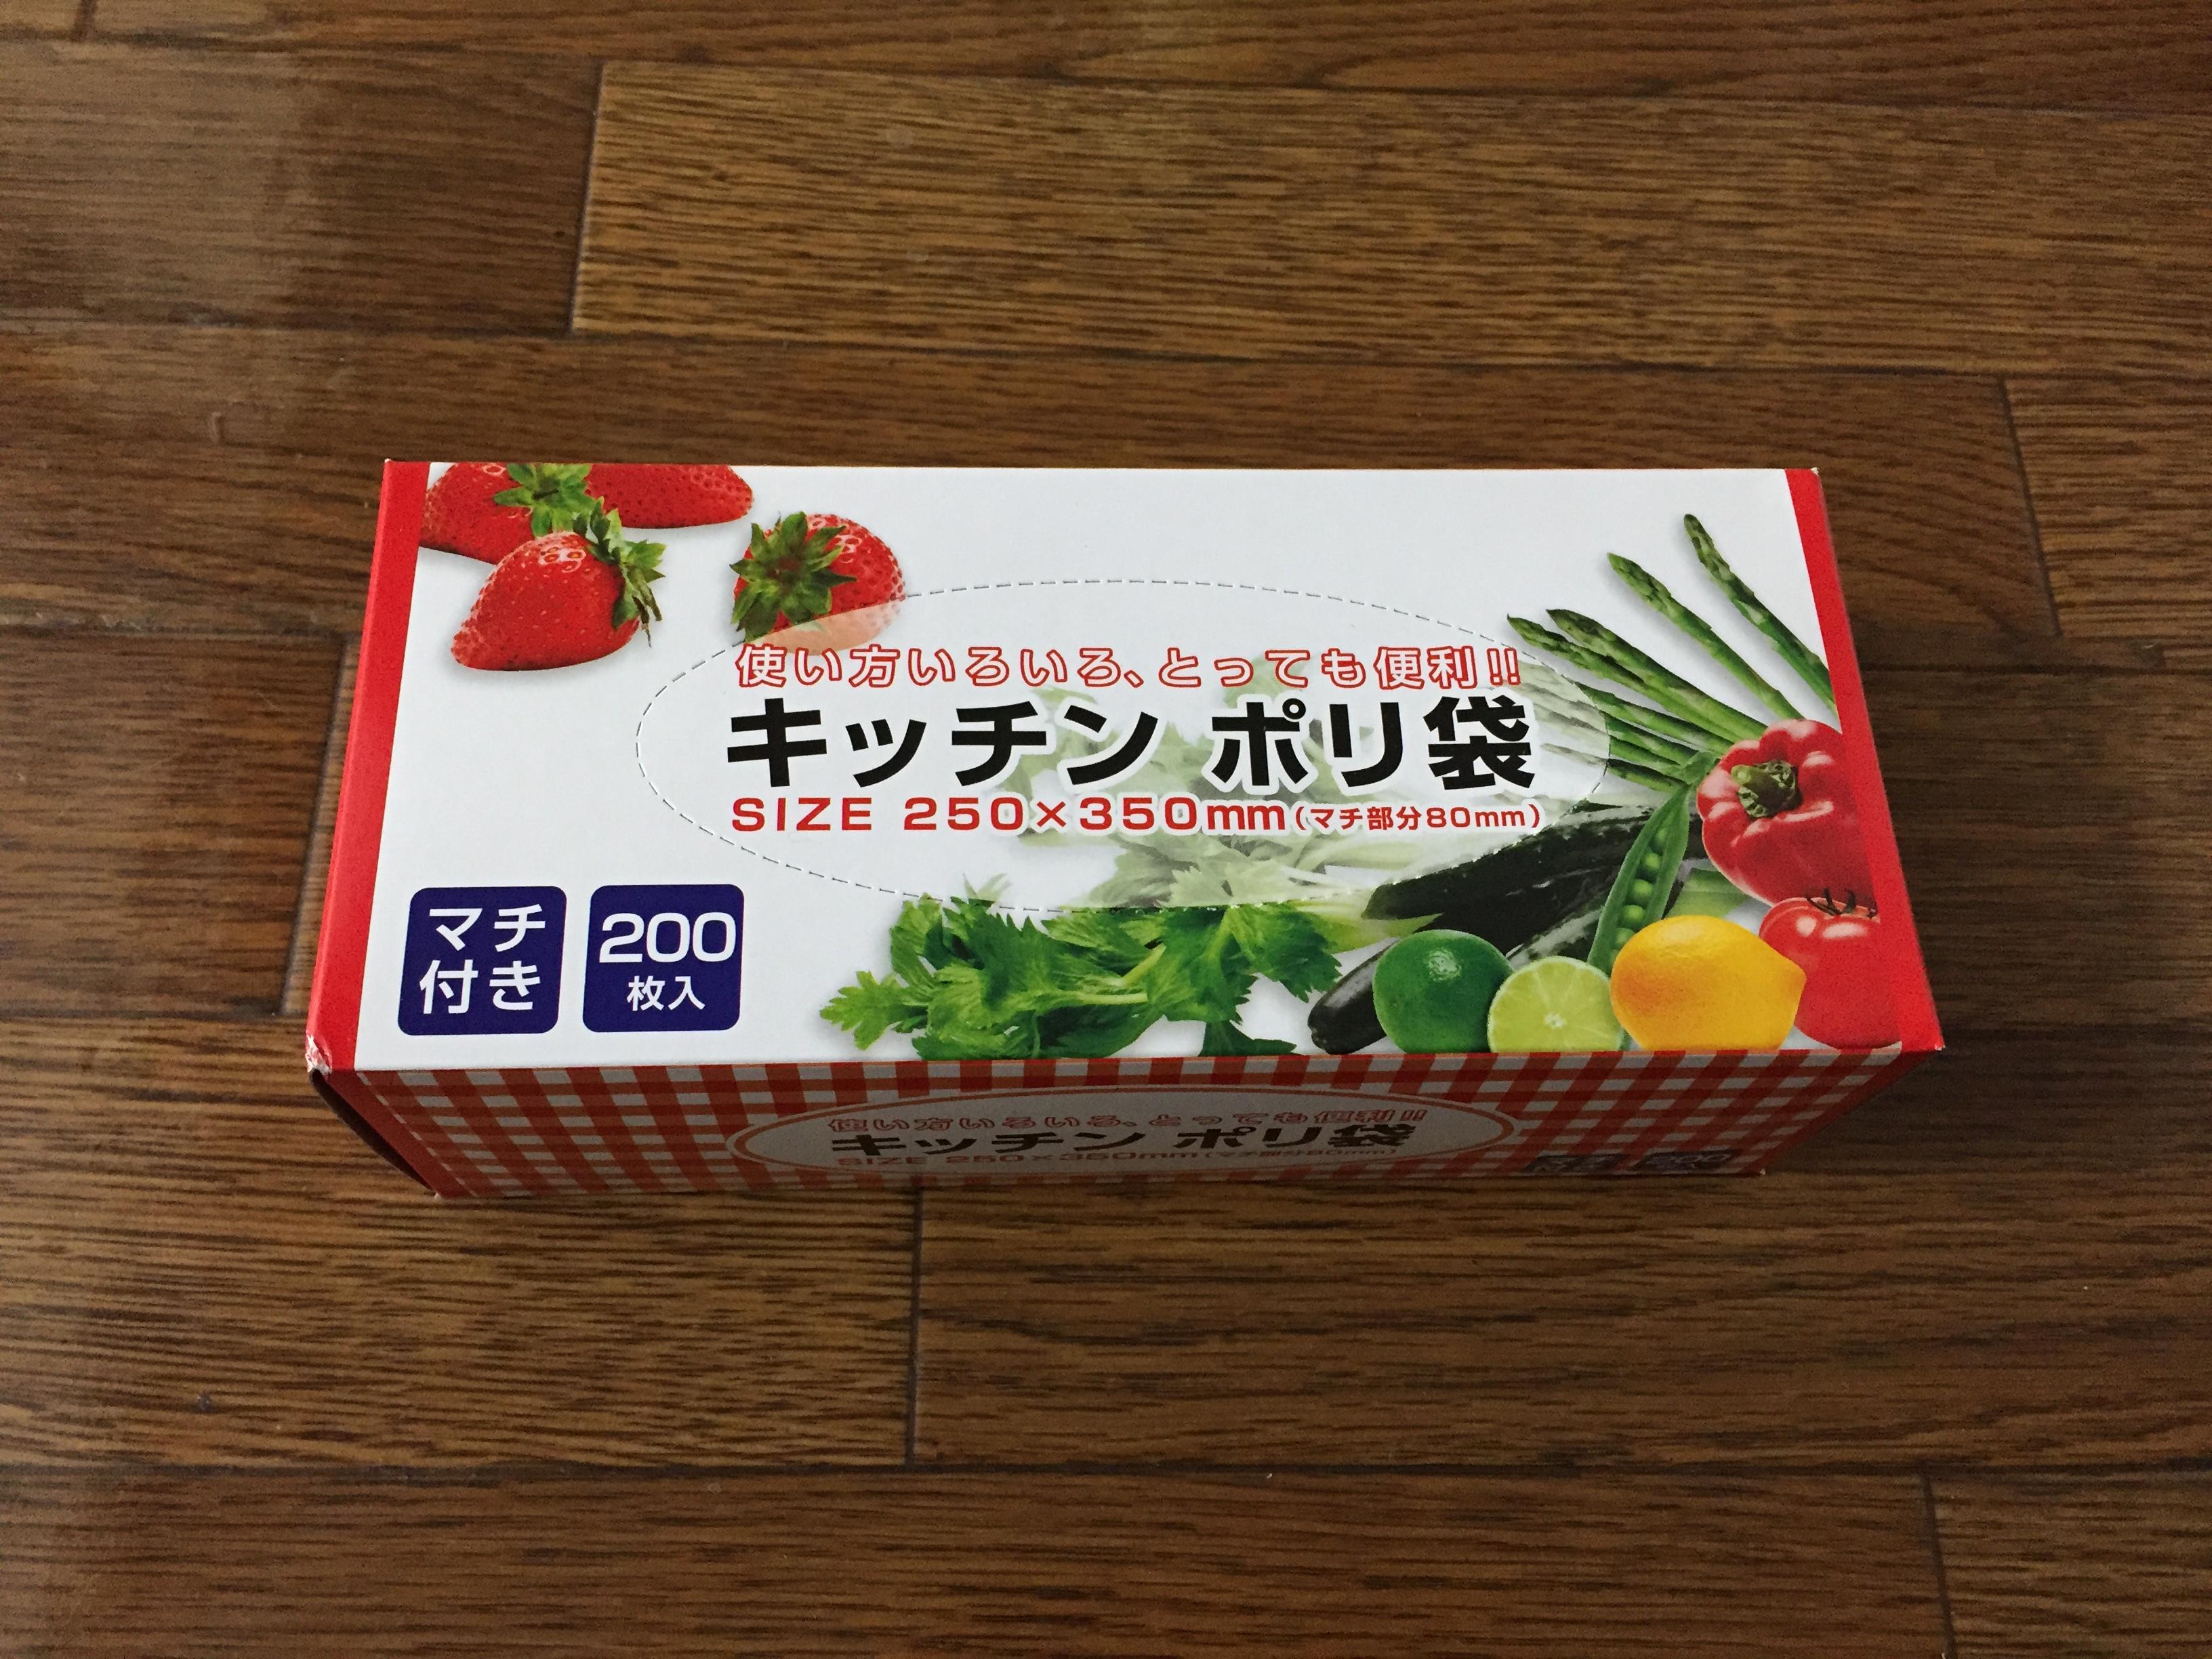 業務スーパー キッチンポリ袋 ビニール袋 200枚入